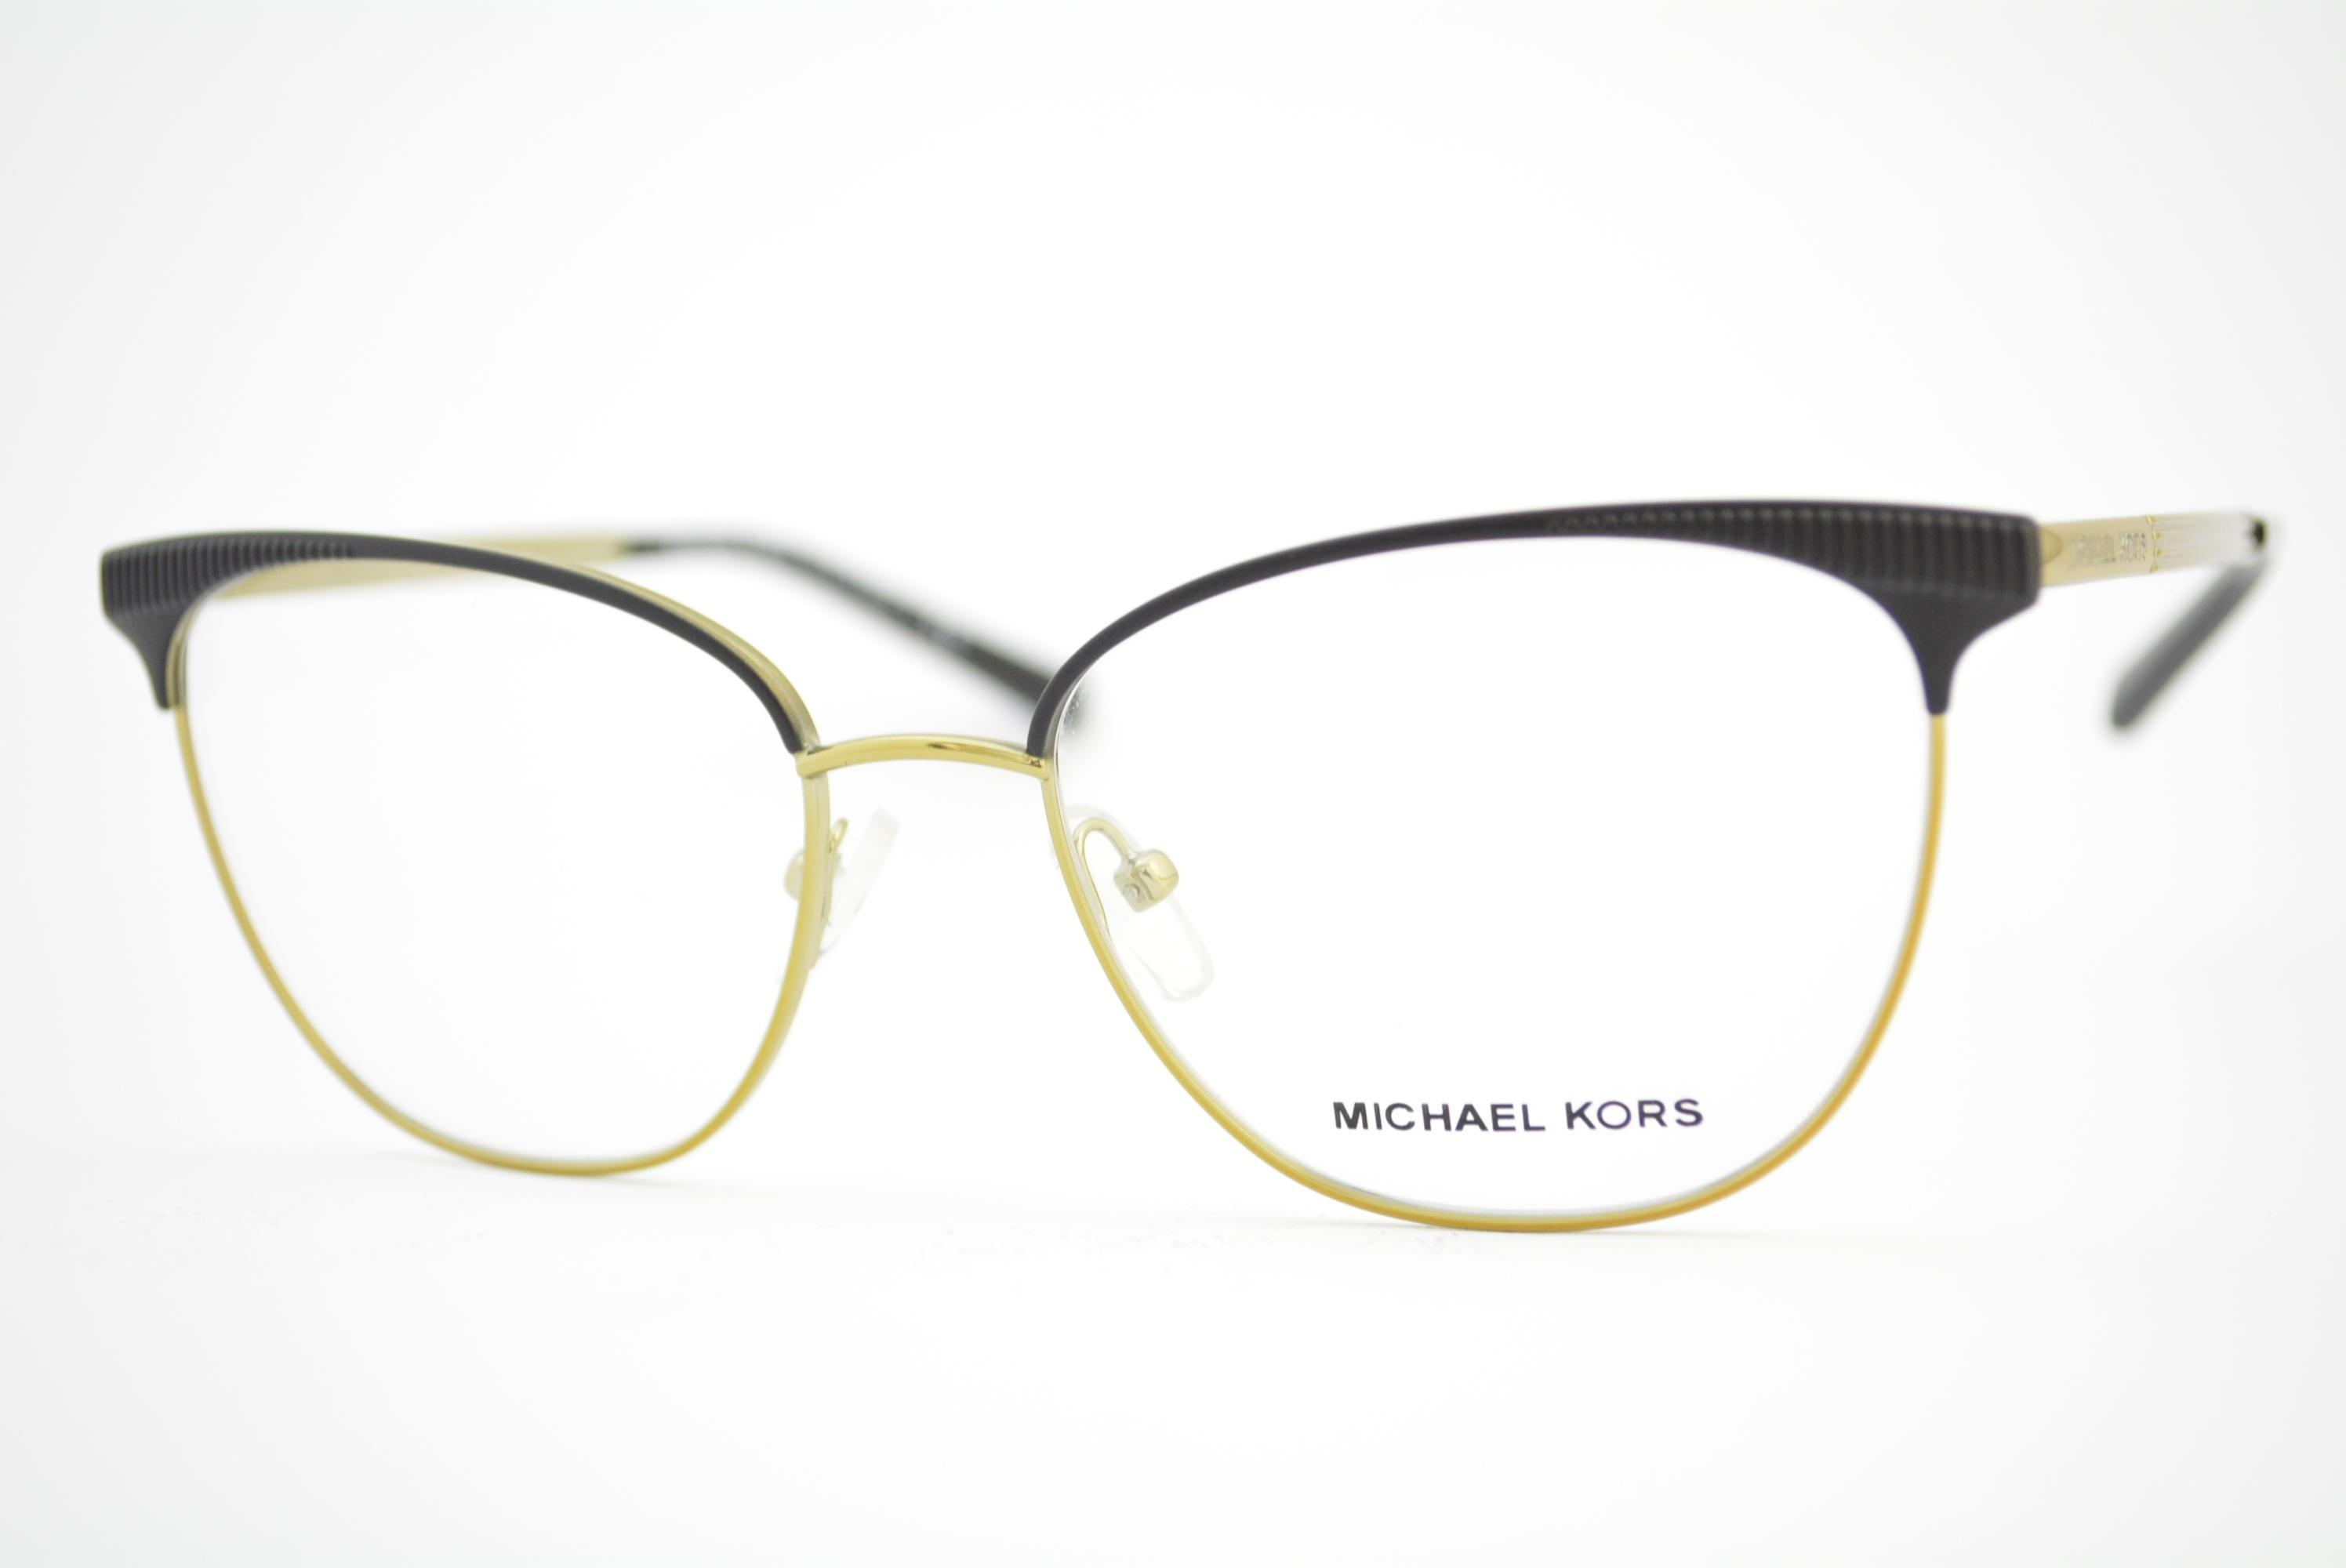 a6d207226f521 armação de óculos Michael Kors mod mk3018 1195 Ótica Cardoso